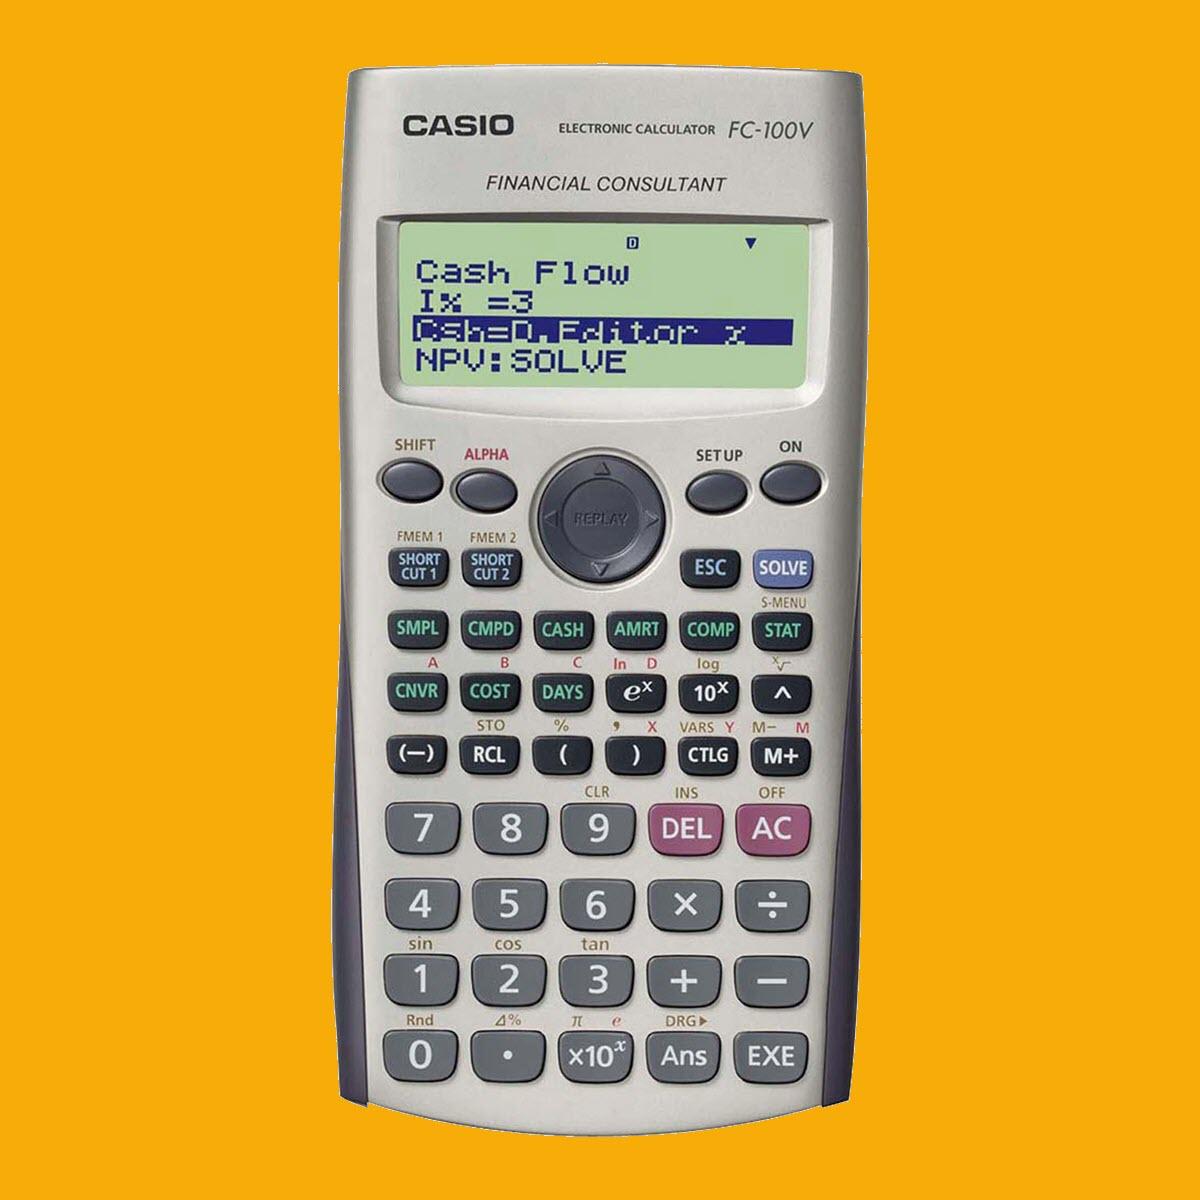 Casio FC 100V - Acessível e Prática